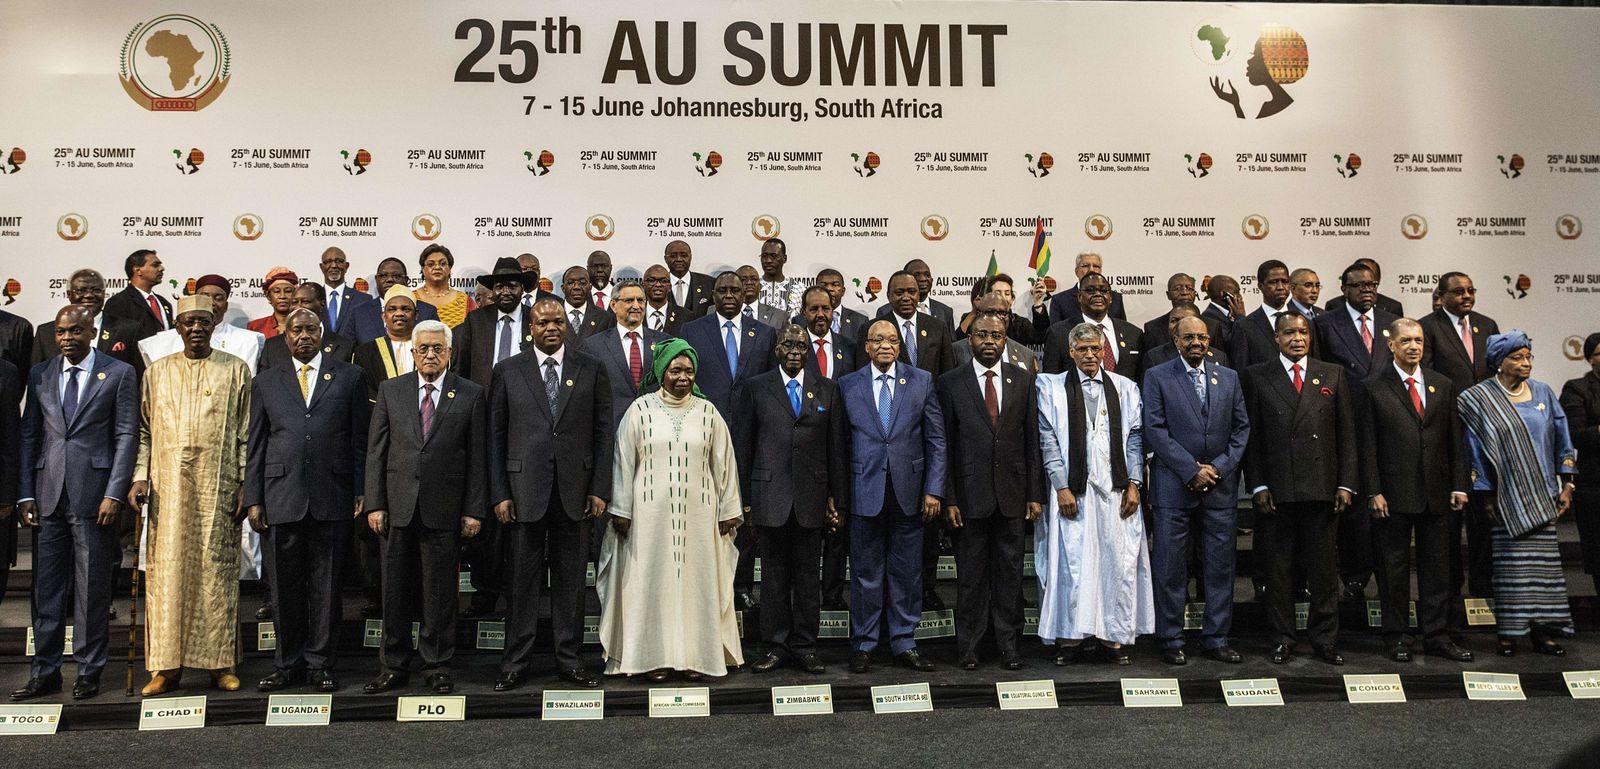 SAFRICA-AU-SUMMIT-SUDAN-ICC